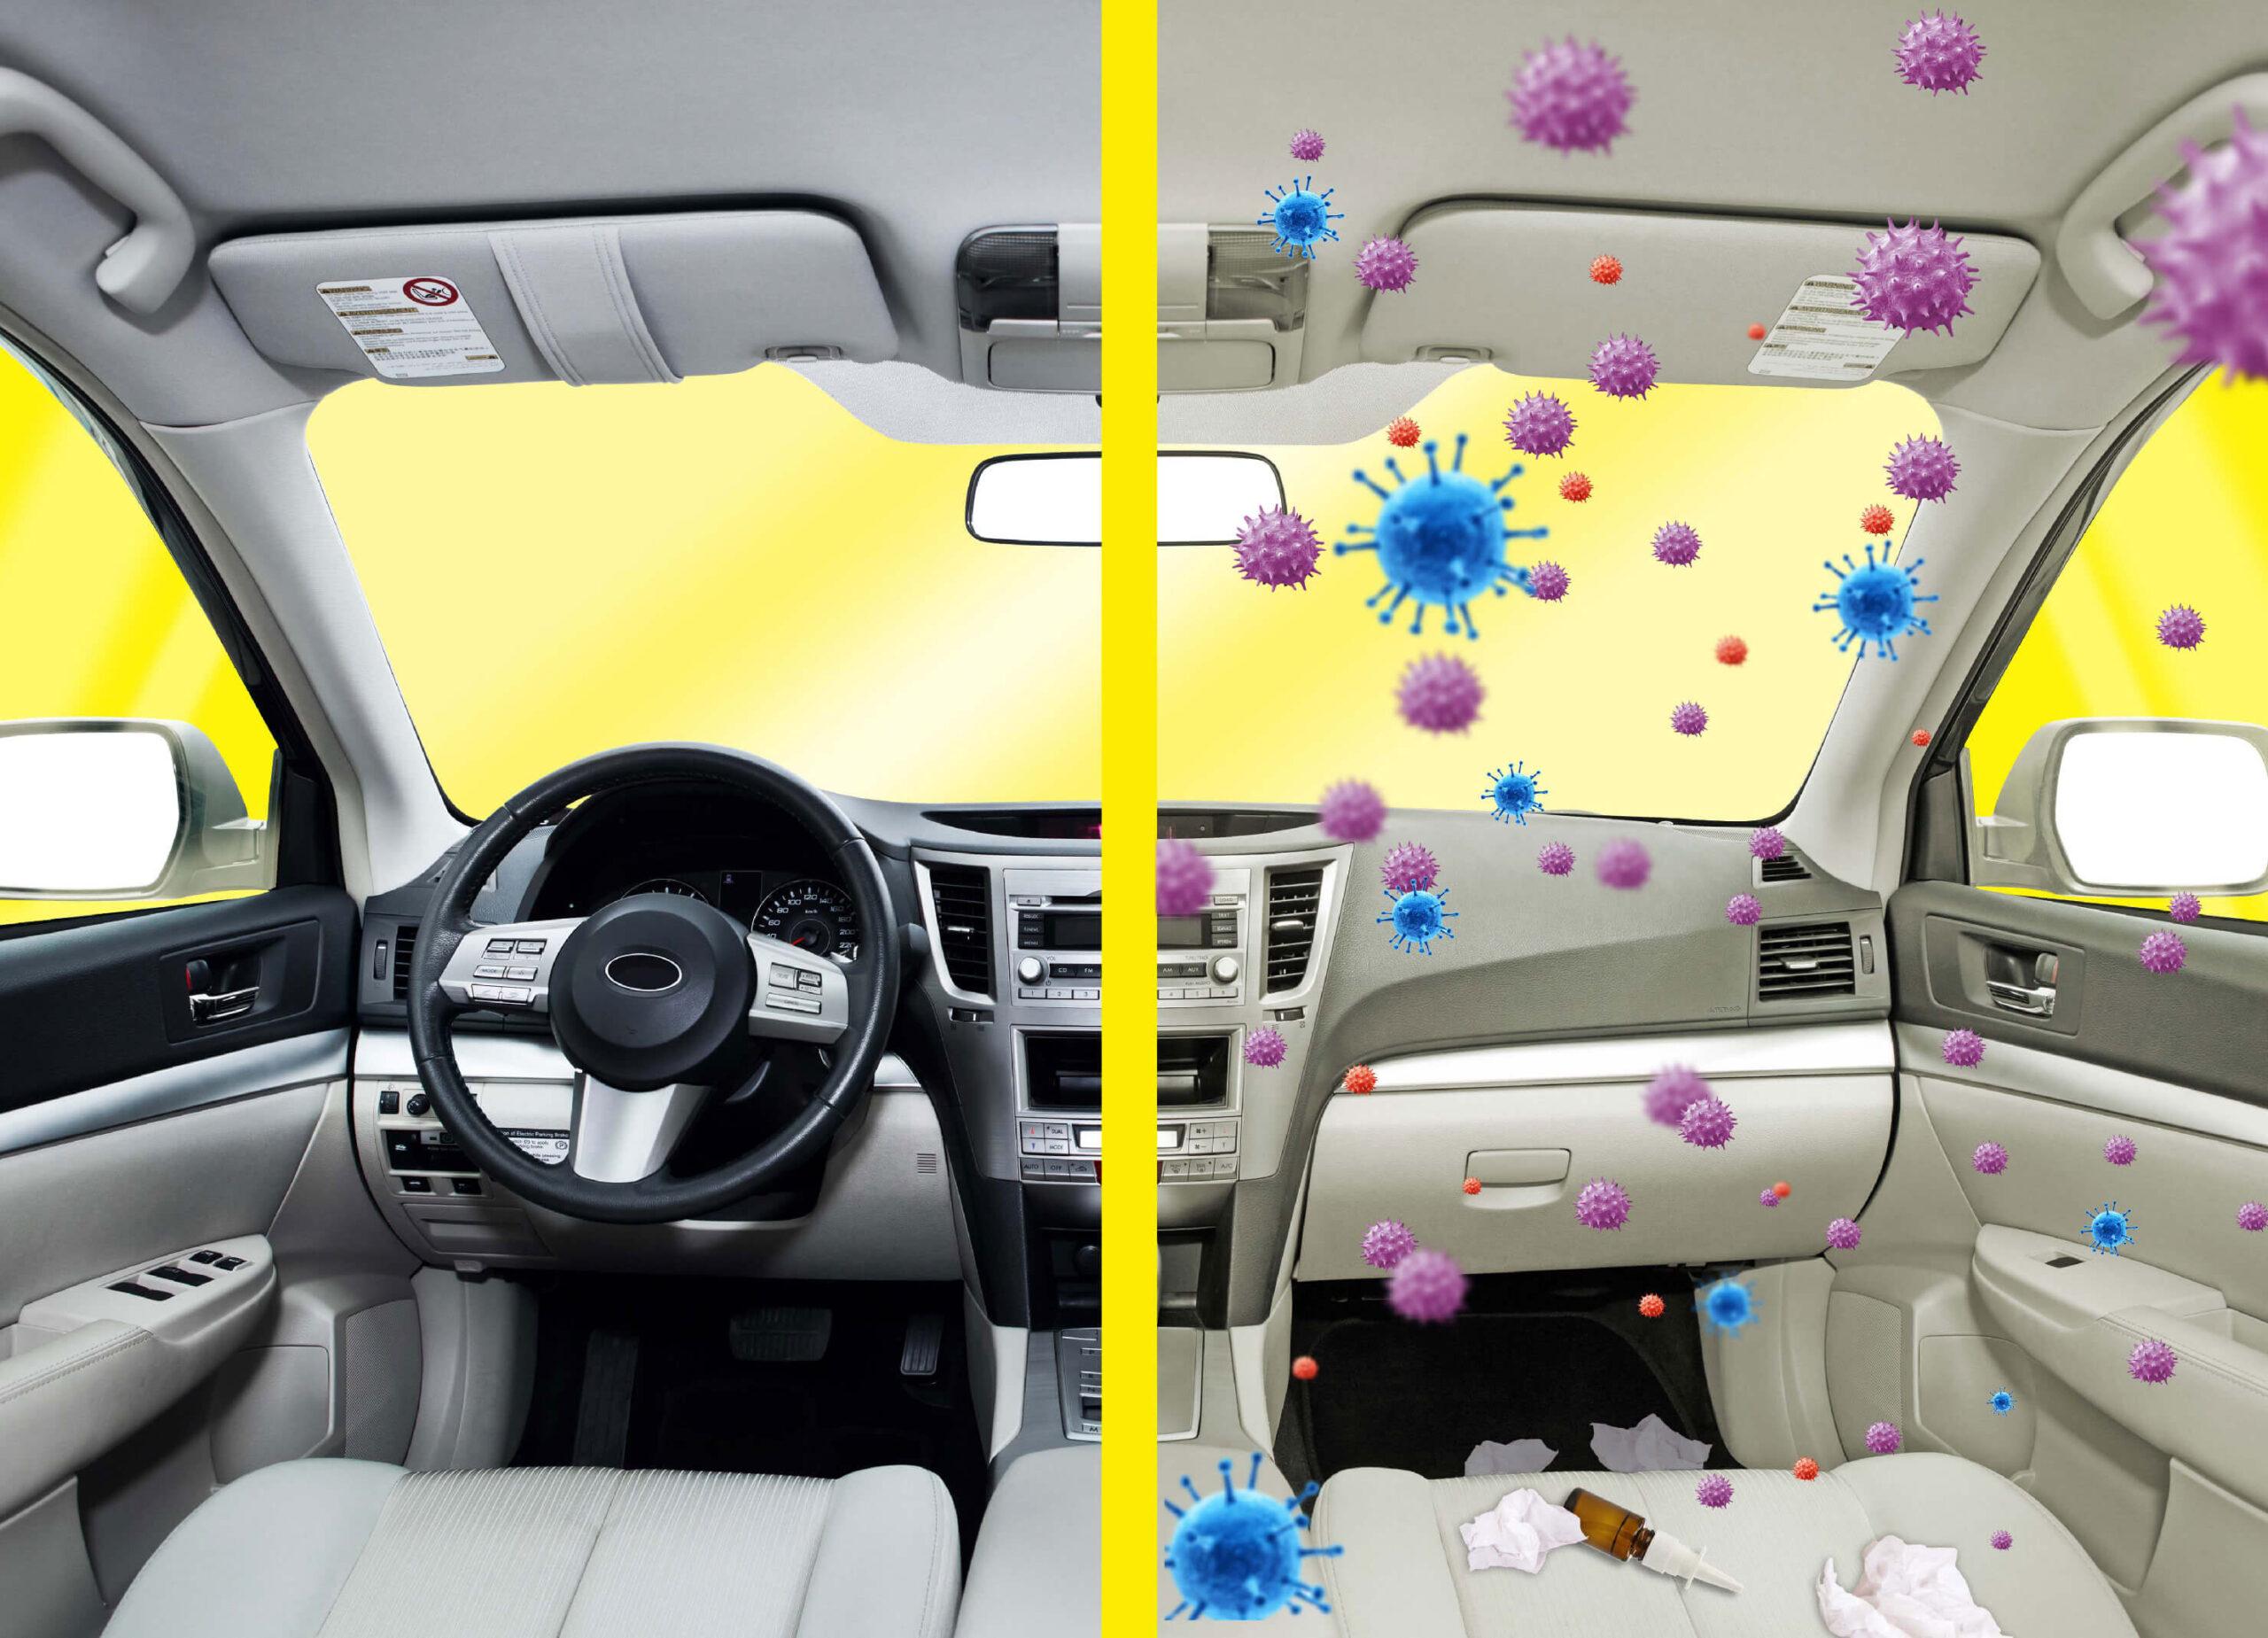 Το MANN-FILTER FreciousPlus εξασφαλίζει καθαρό αέρα στον εσωτερικό χώρο του οχήματος